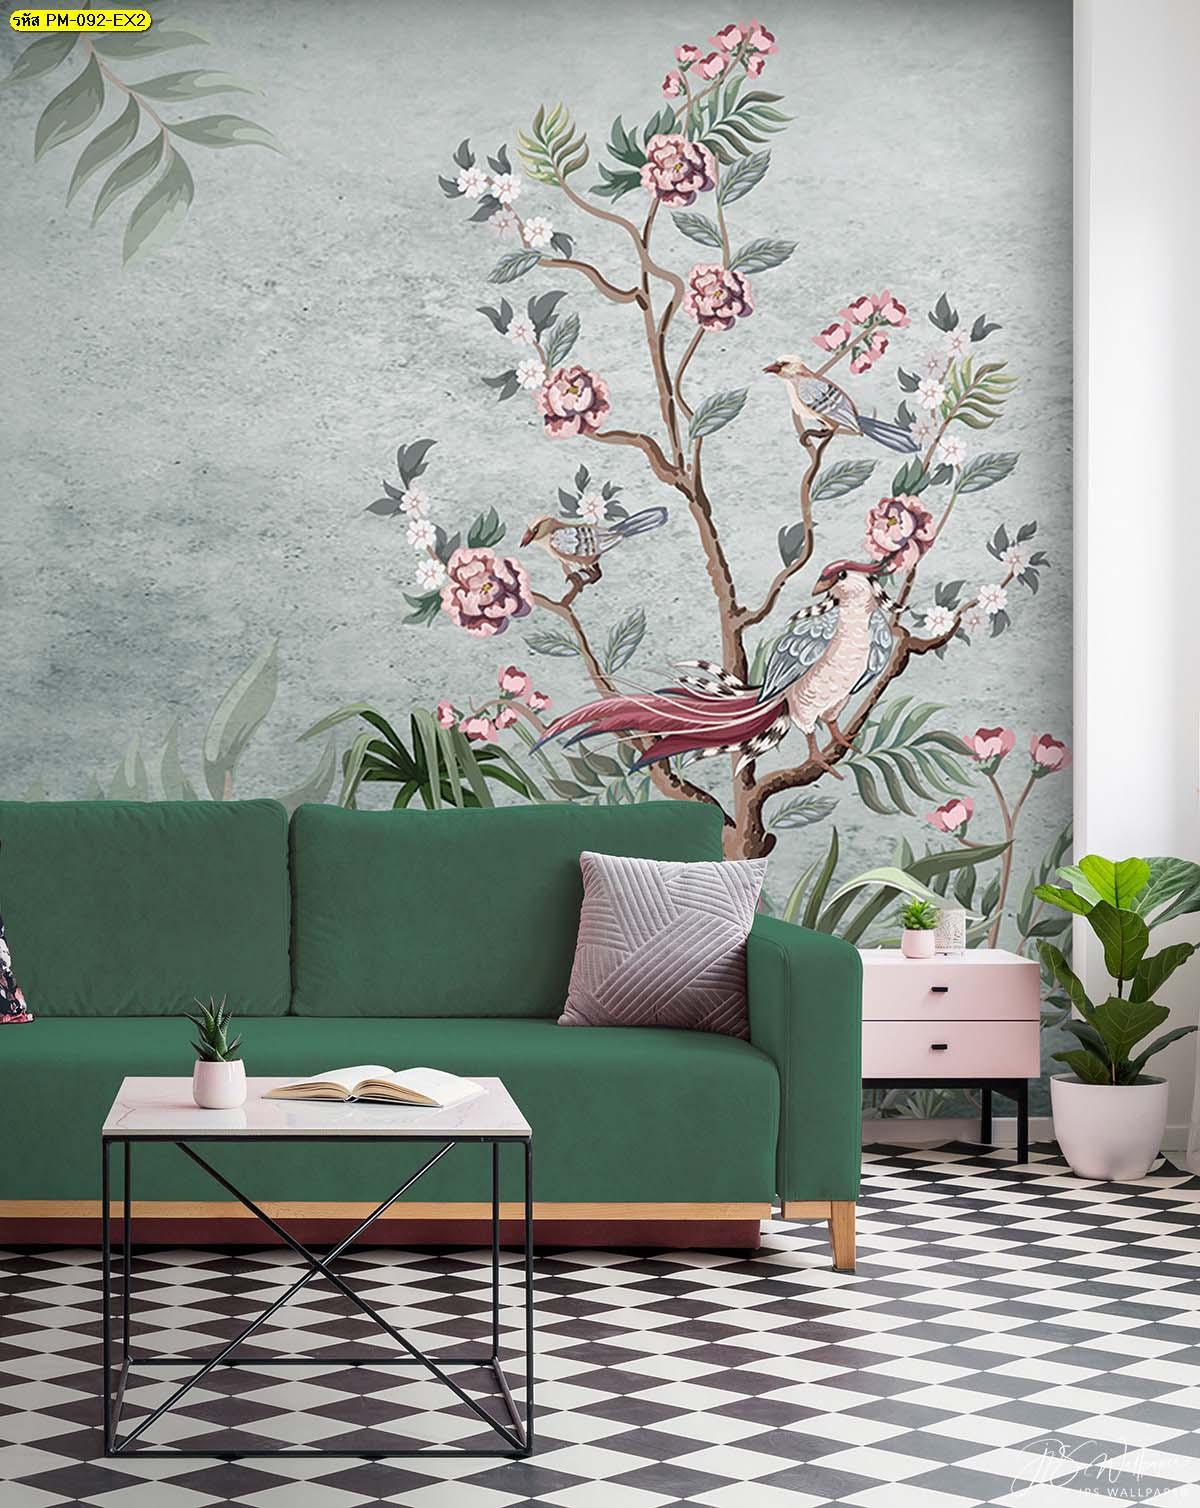 วอลเปเปอร์ห้องรับแขกโมเดิร์น ภาพสีพาสเทลอาร์ตๆ แต่งบ้านด้วยภาพจิตรกรรม